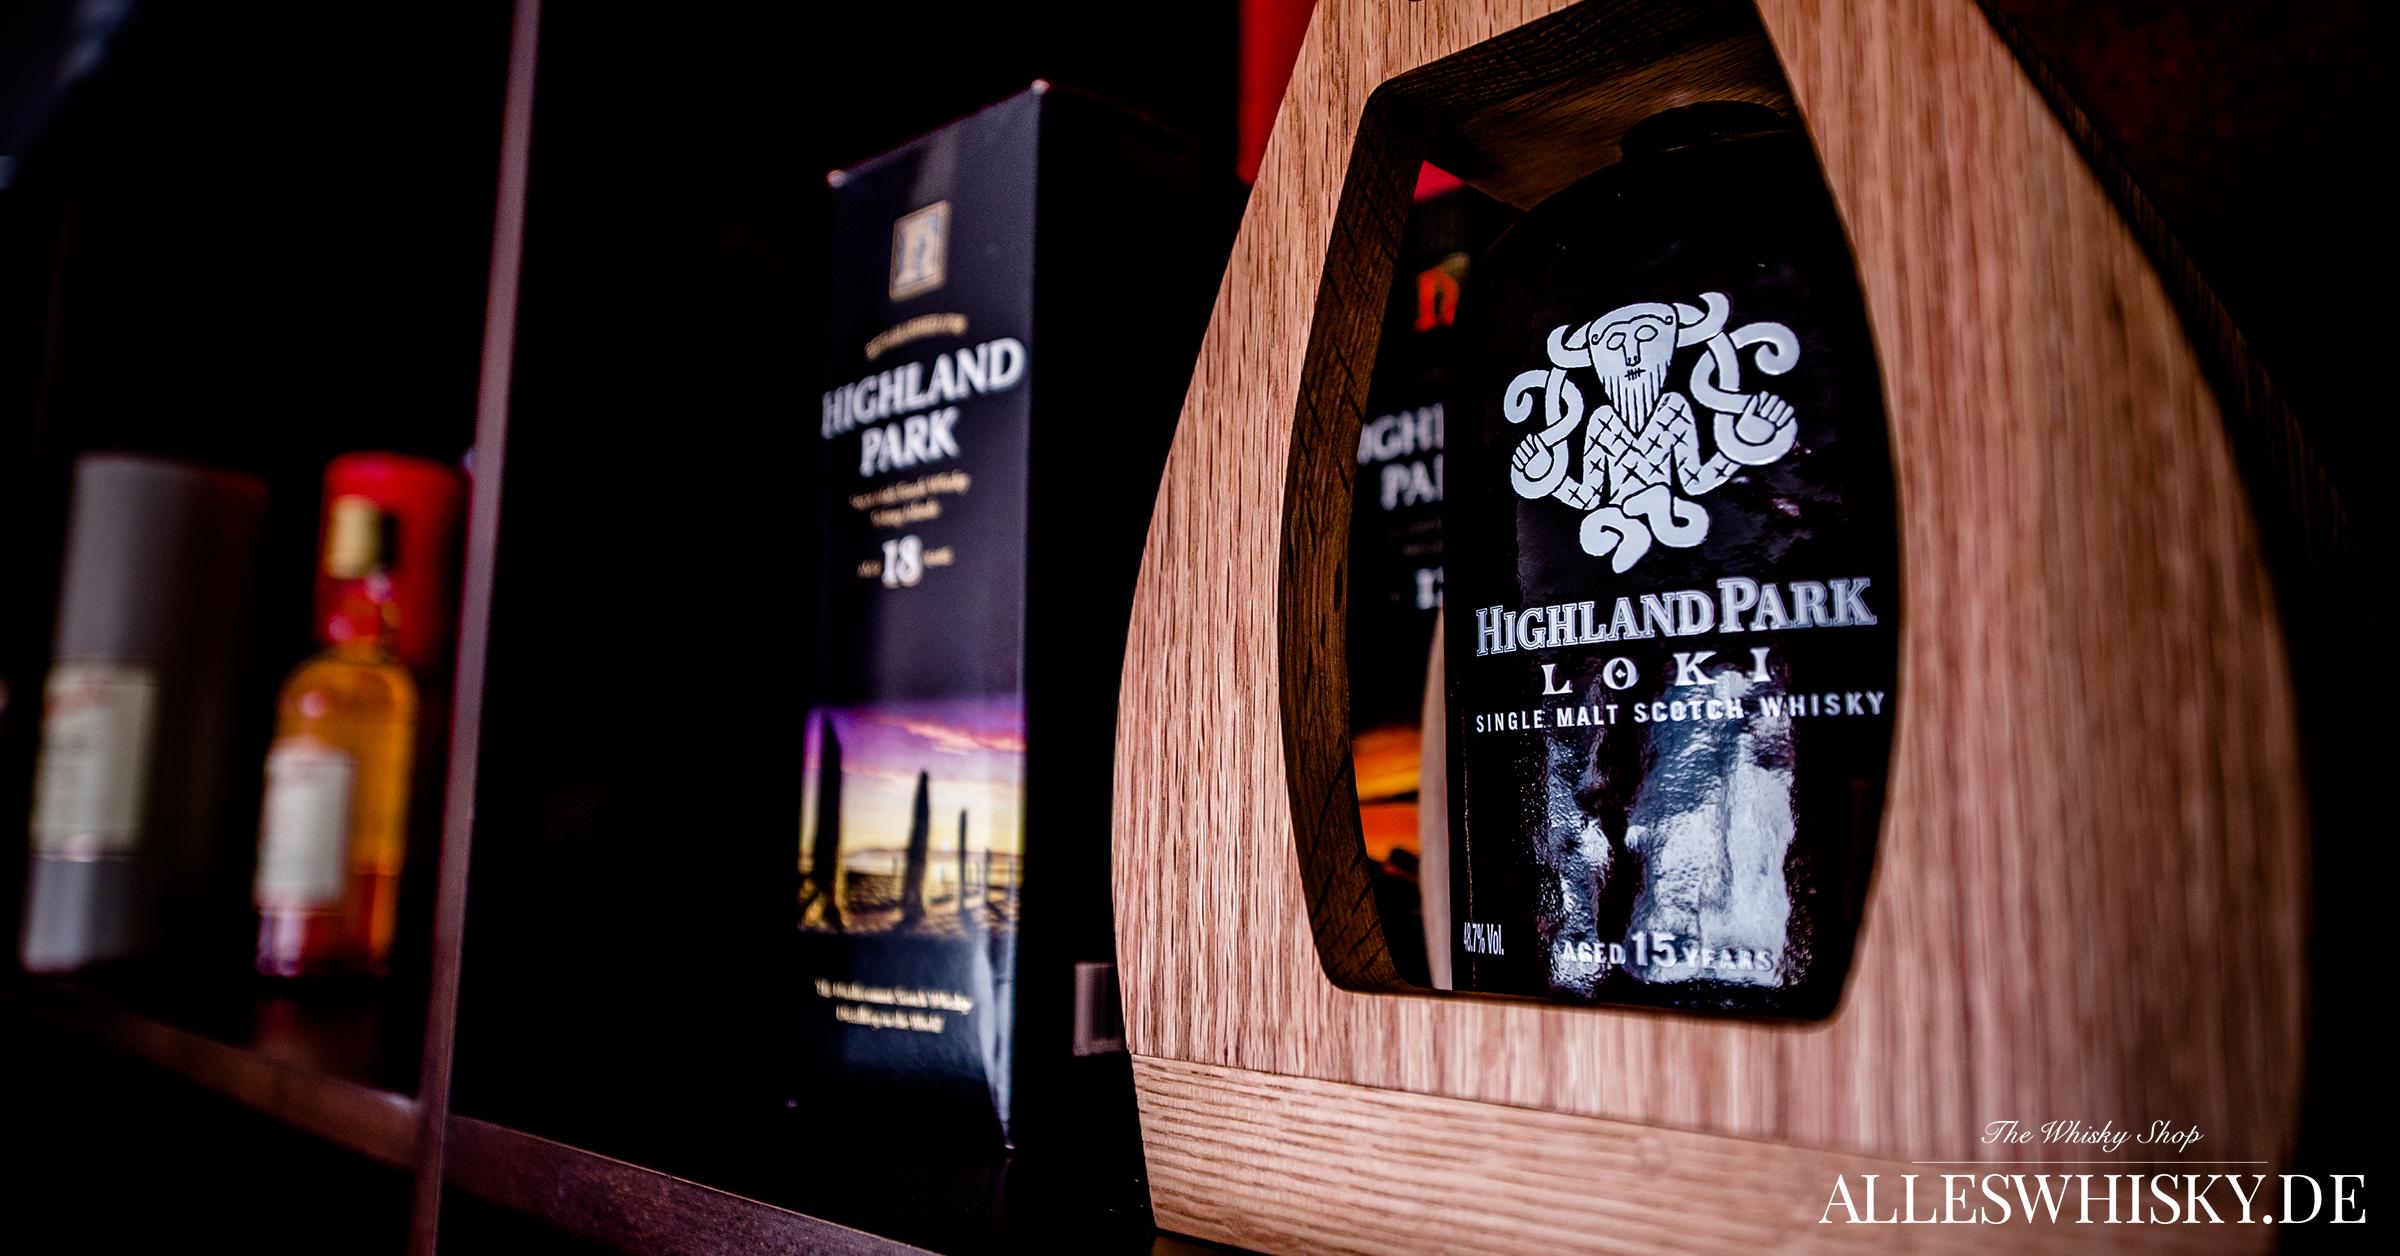 Highland Park Abfüllungen 18 Jahre und der exklusive Odin aus der Valhalla Serie